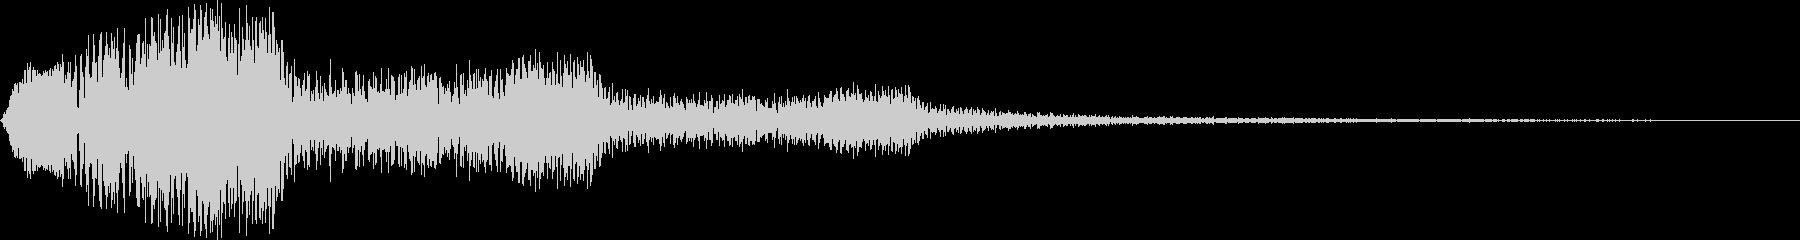 ピラリラ (注意喚起 笛)の未再生の波形